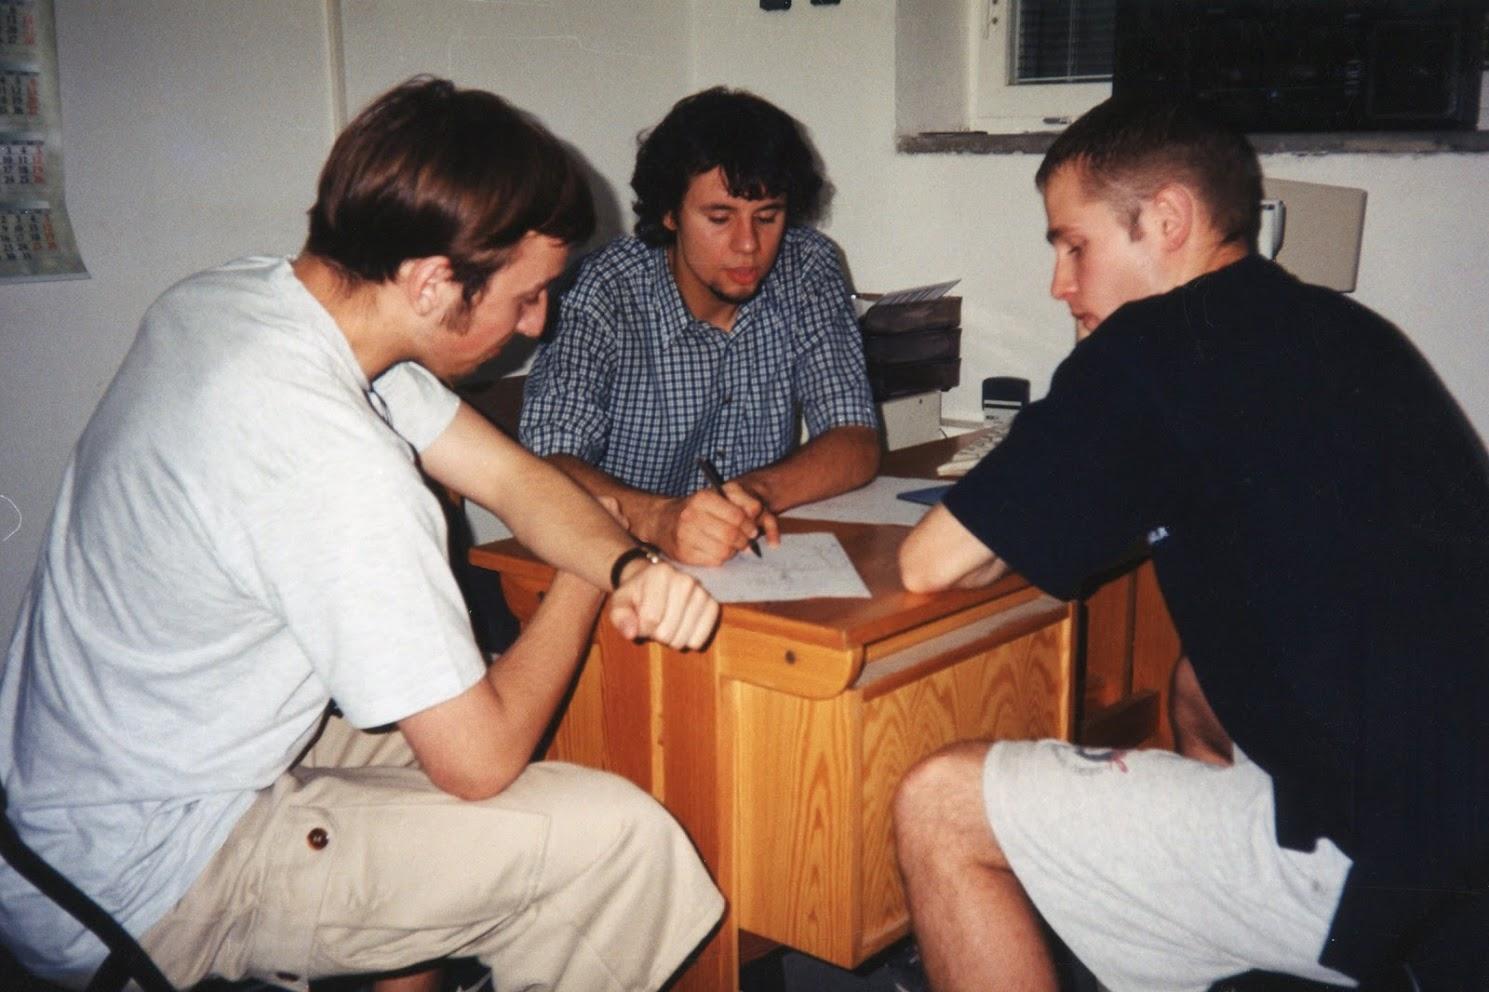 Narada biznesowa w siedzibie naszej firmy, czyli w garażu zaadoptowanym na małe biuro i magazyn, dzięki uprzejmości mojego wujka w jego domu, Poznań, Lato 1999, od lewej: Tomek, Błażej, Marcin